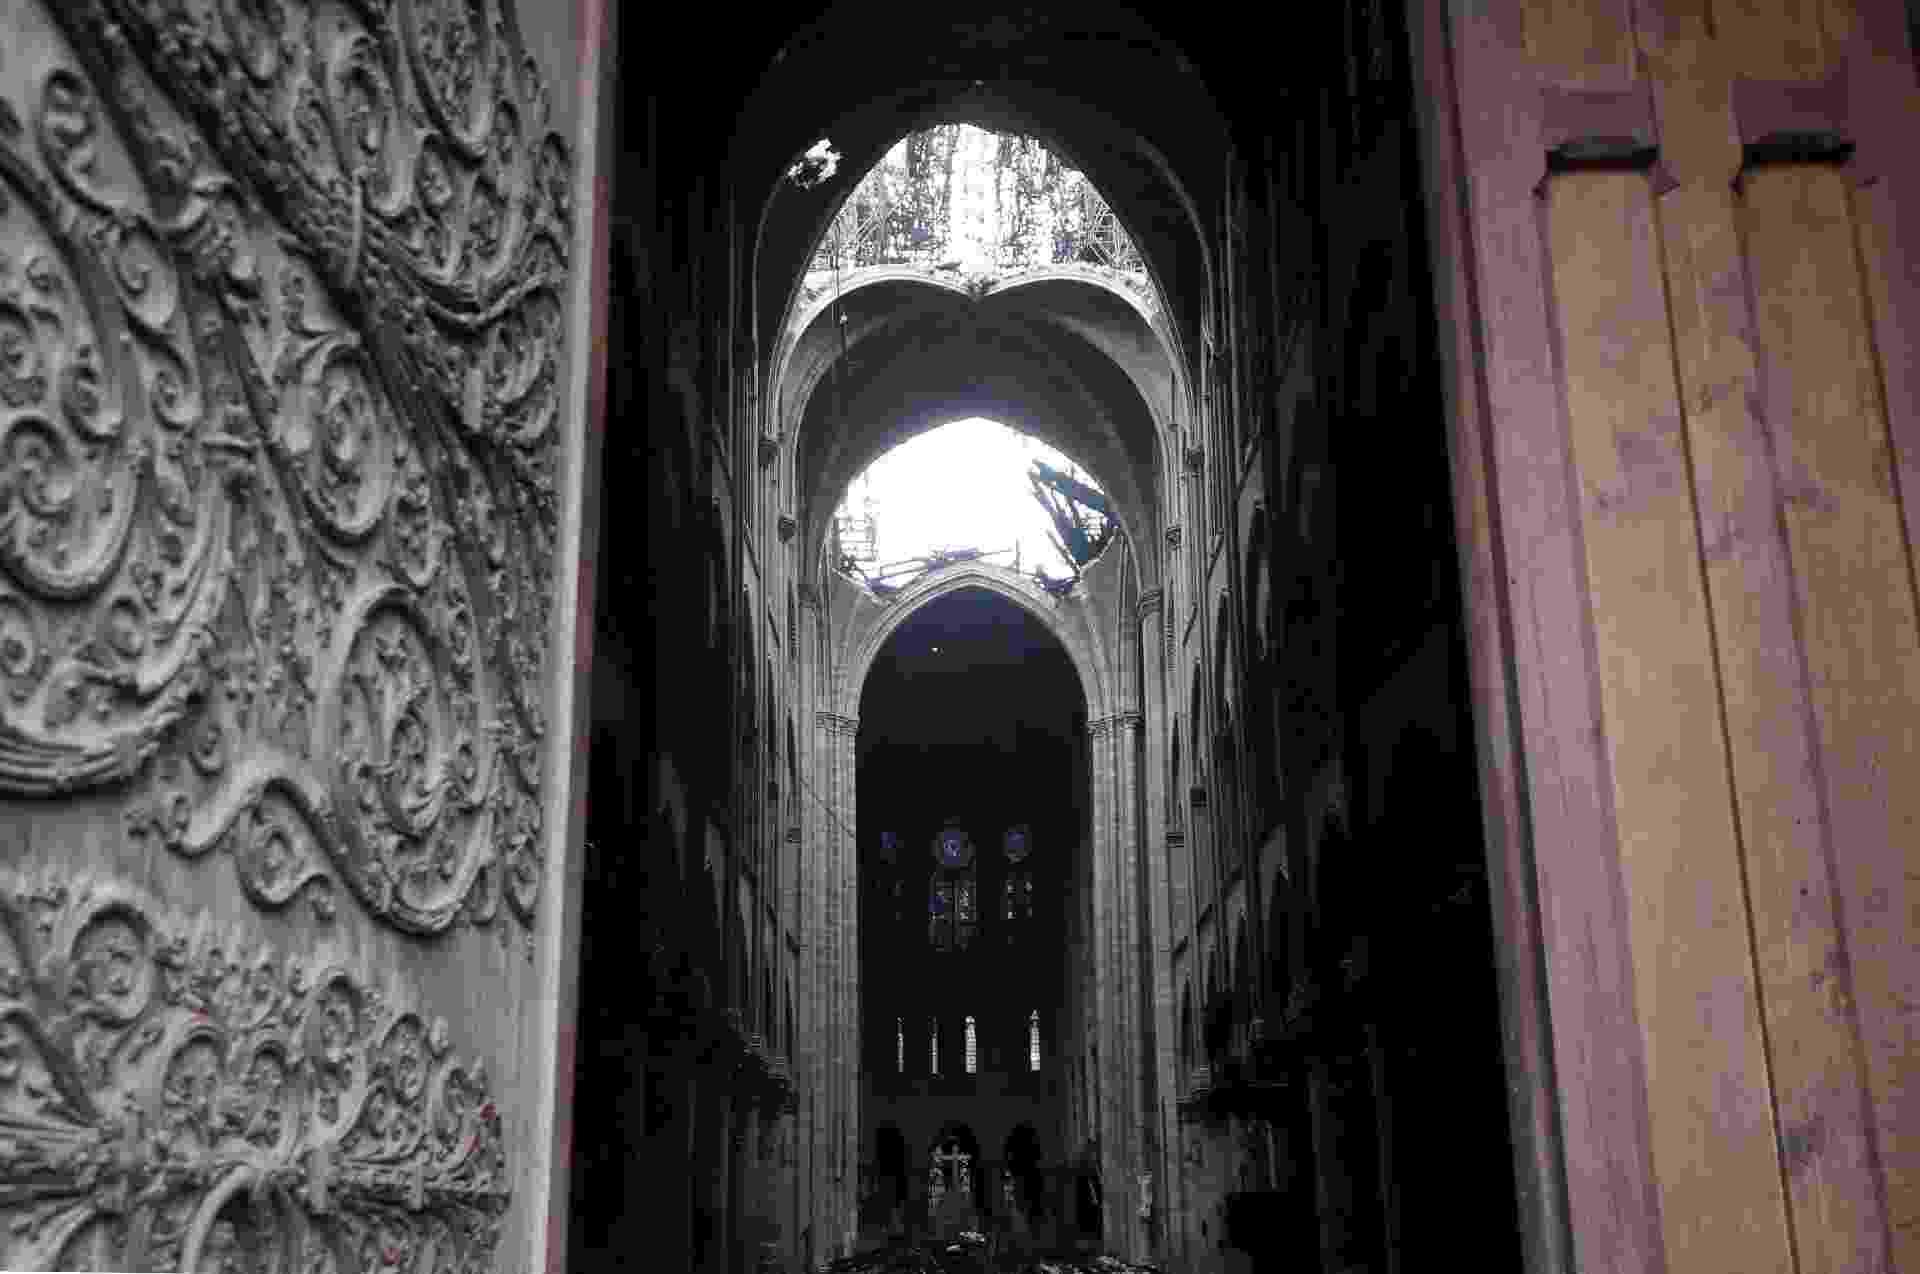 16.abr.2019 - Uma foto tirada em 16 de abril de 2019 mostra uma vista interior da Catedral de Notre-Dame, em Paris, no rescaldo de um incêndio que devastou a catedral. - O Corpo de Bombeiros de Paris anunciou que os últimos remanescentes do incêndio foram extintos em 16 de abril, 15 horas após o início do incêndio - Christophe Petit/AFP